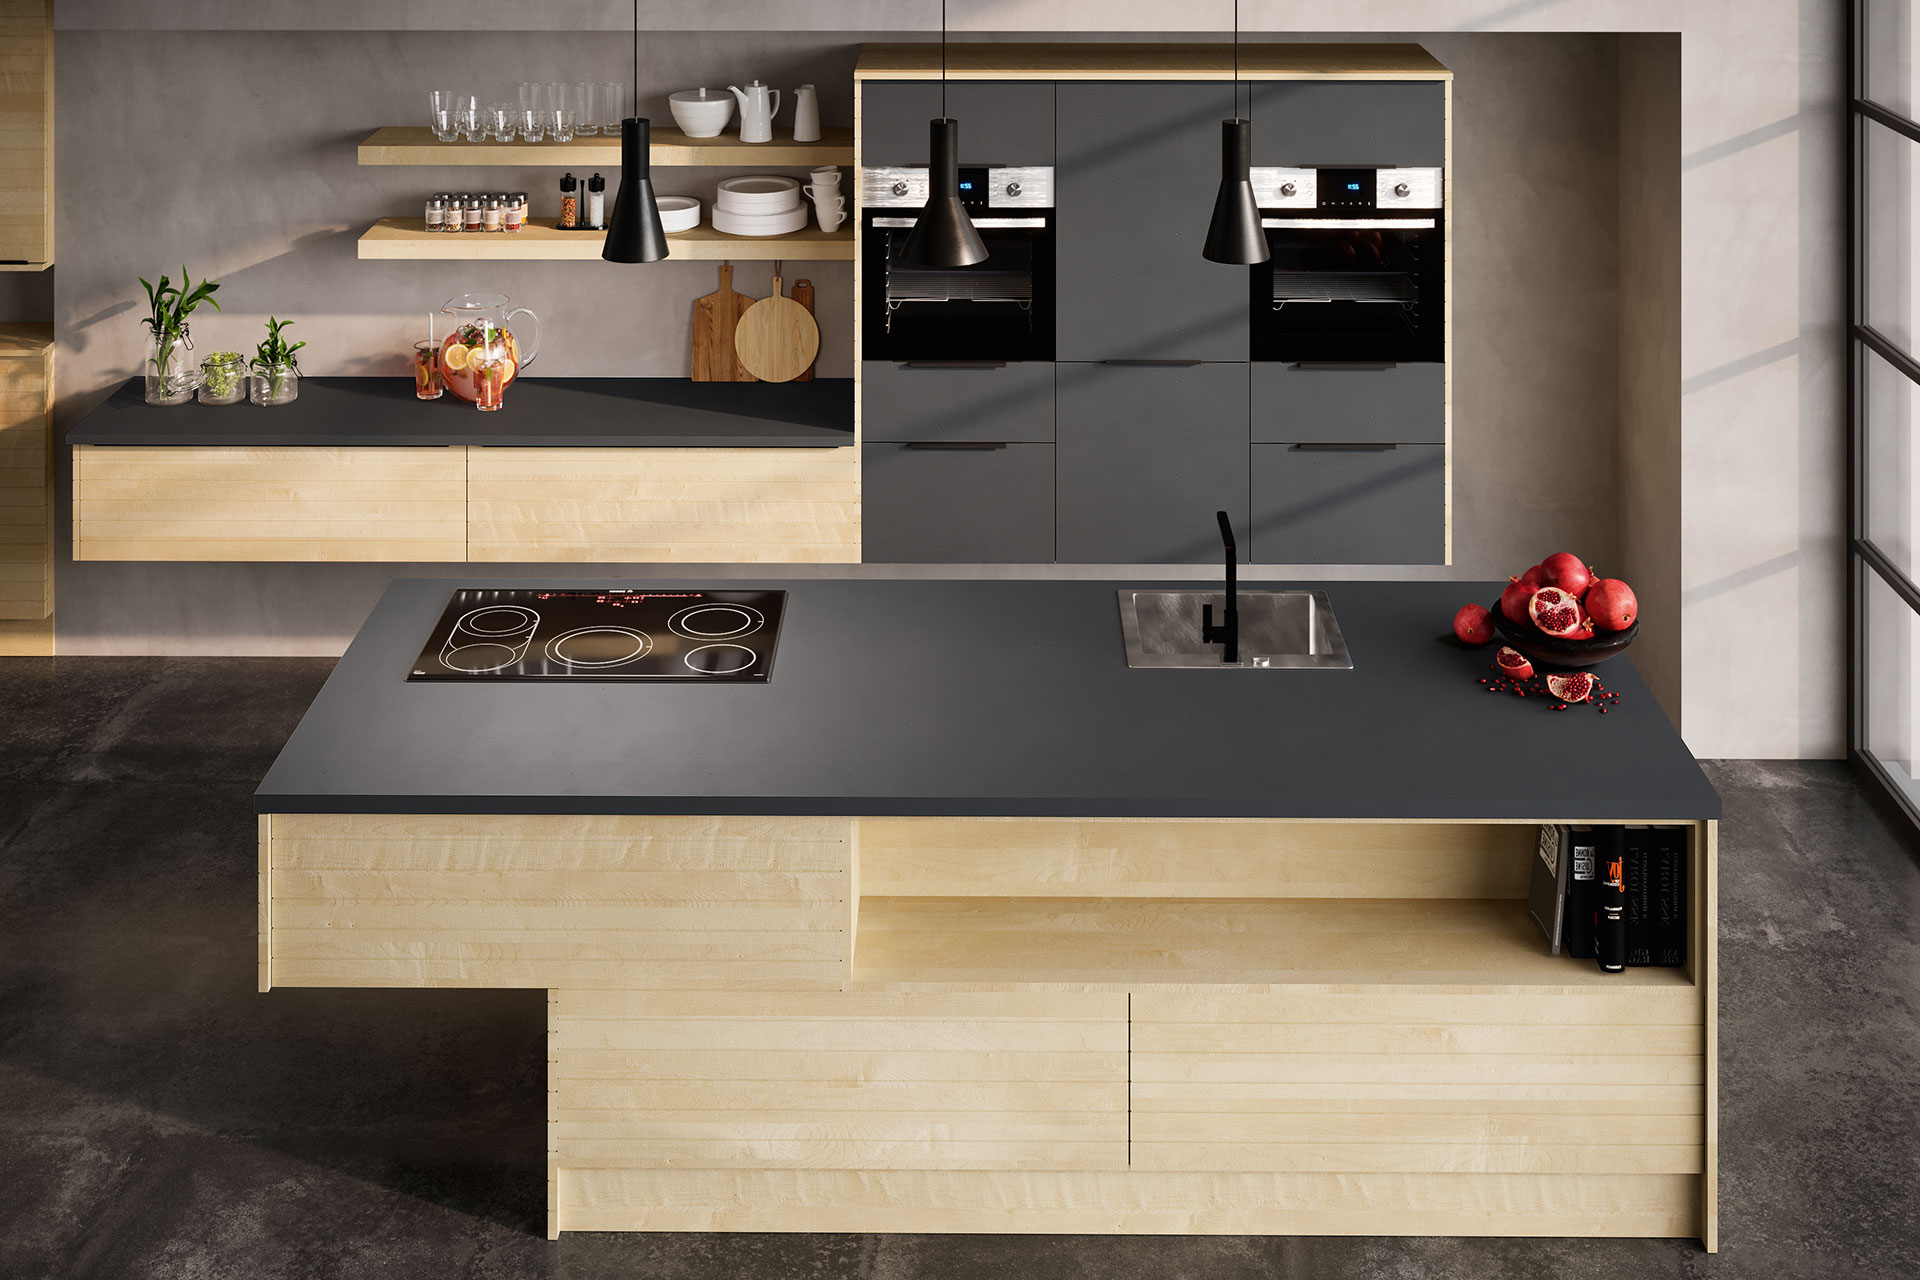 Modell Q-LINE Kücheninsel Frontansicht, Oster Küche